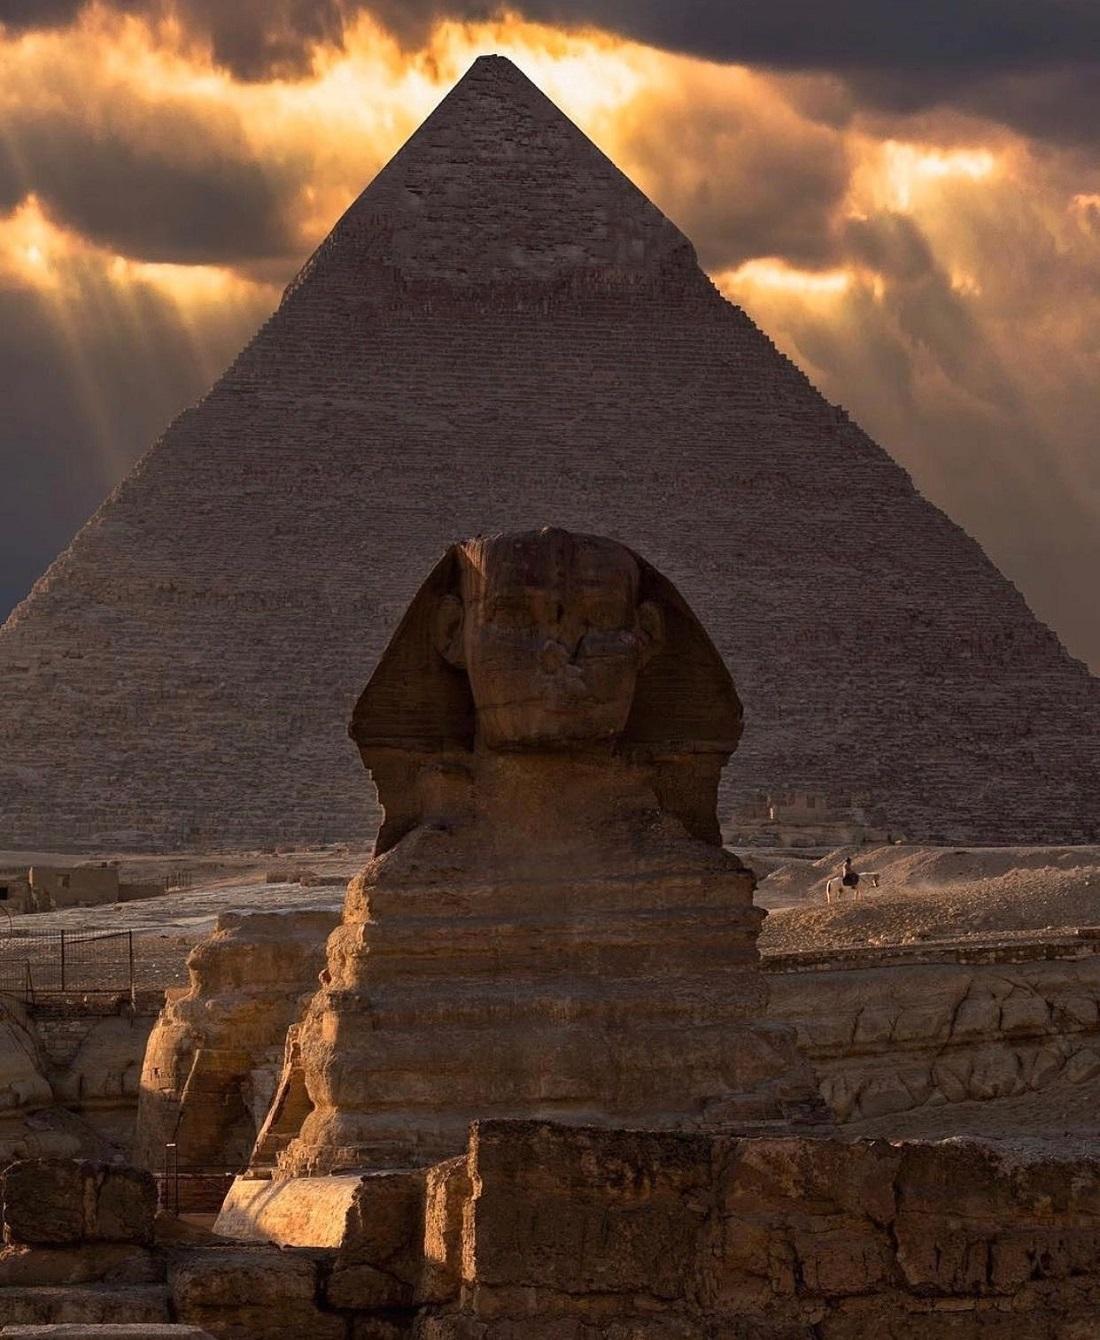 Экскурсии из Хургады на пирамиды - Большой Сфинкс Гизы